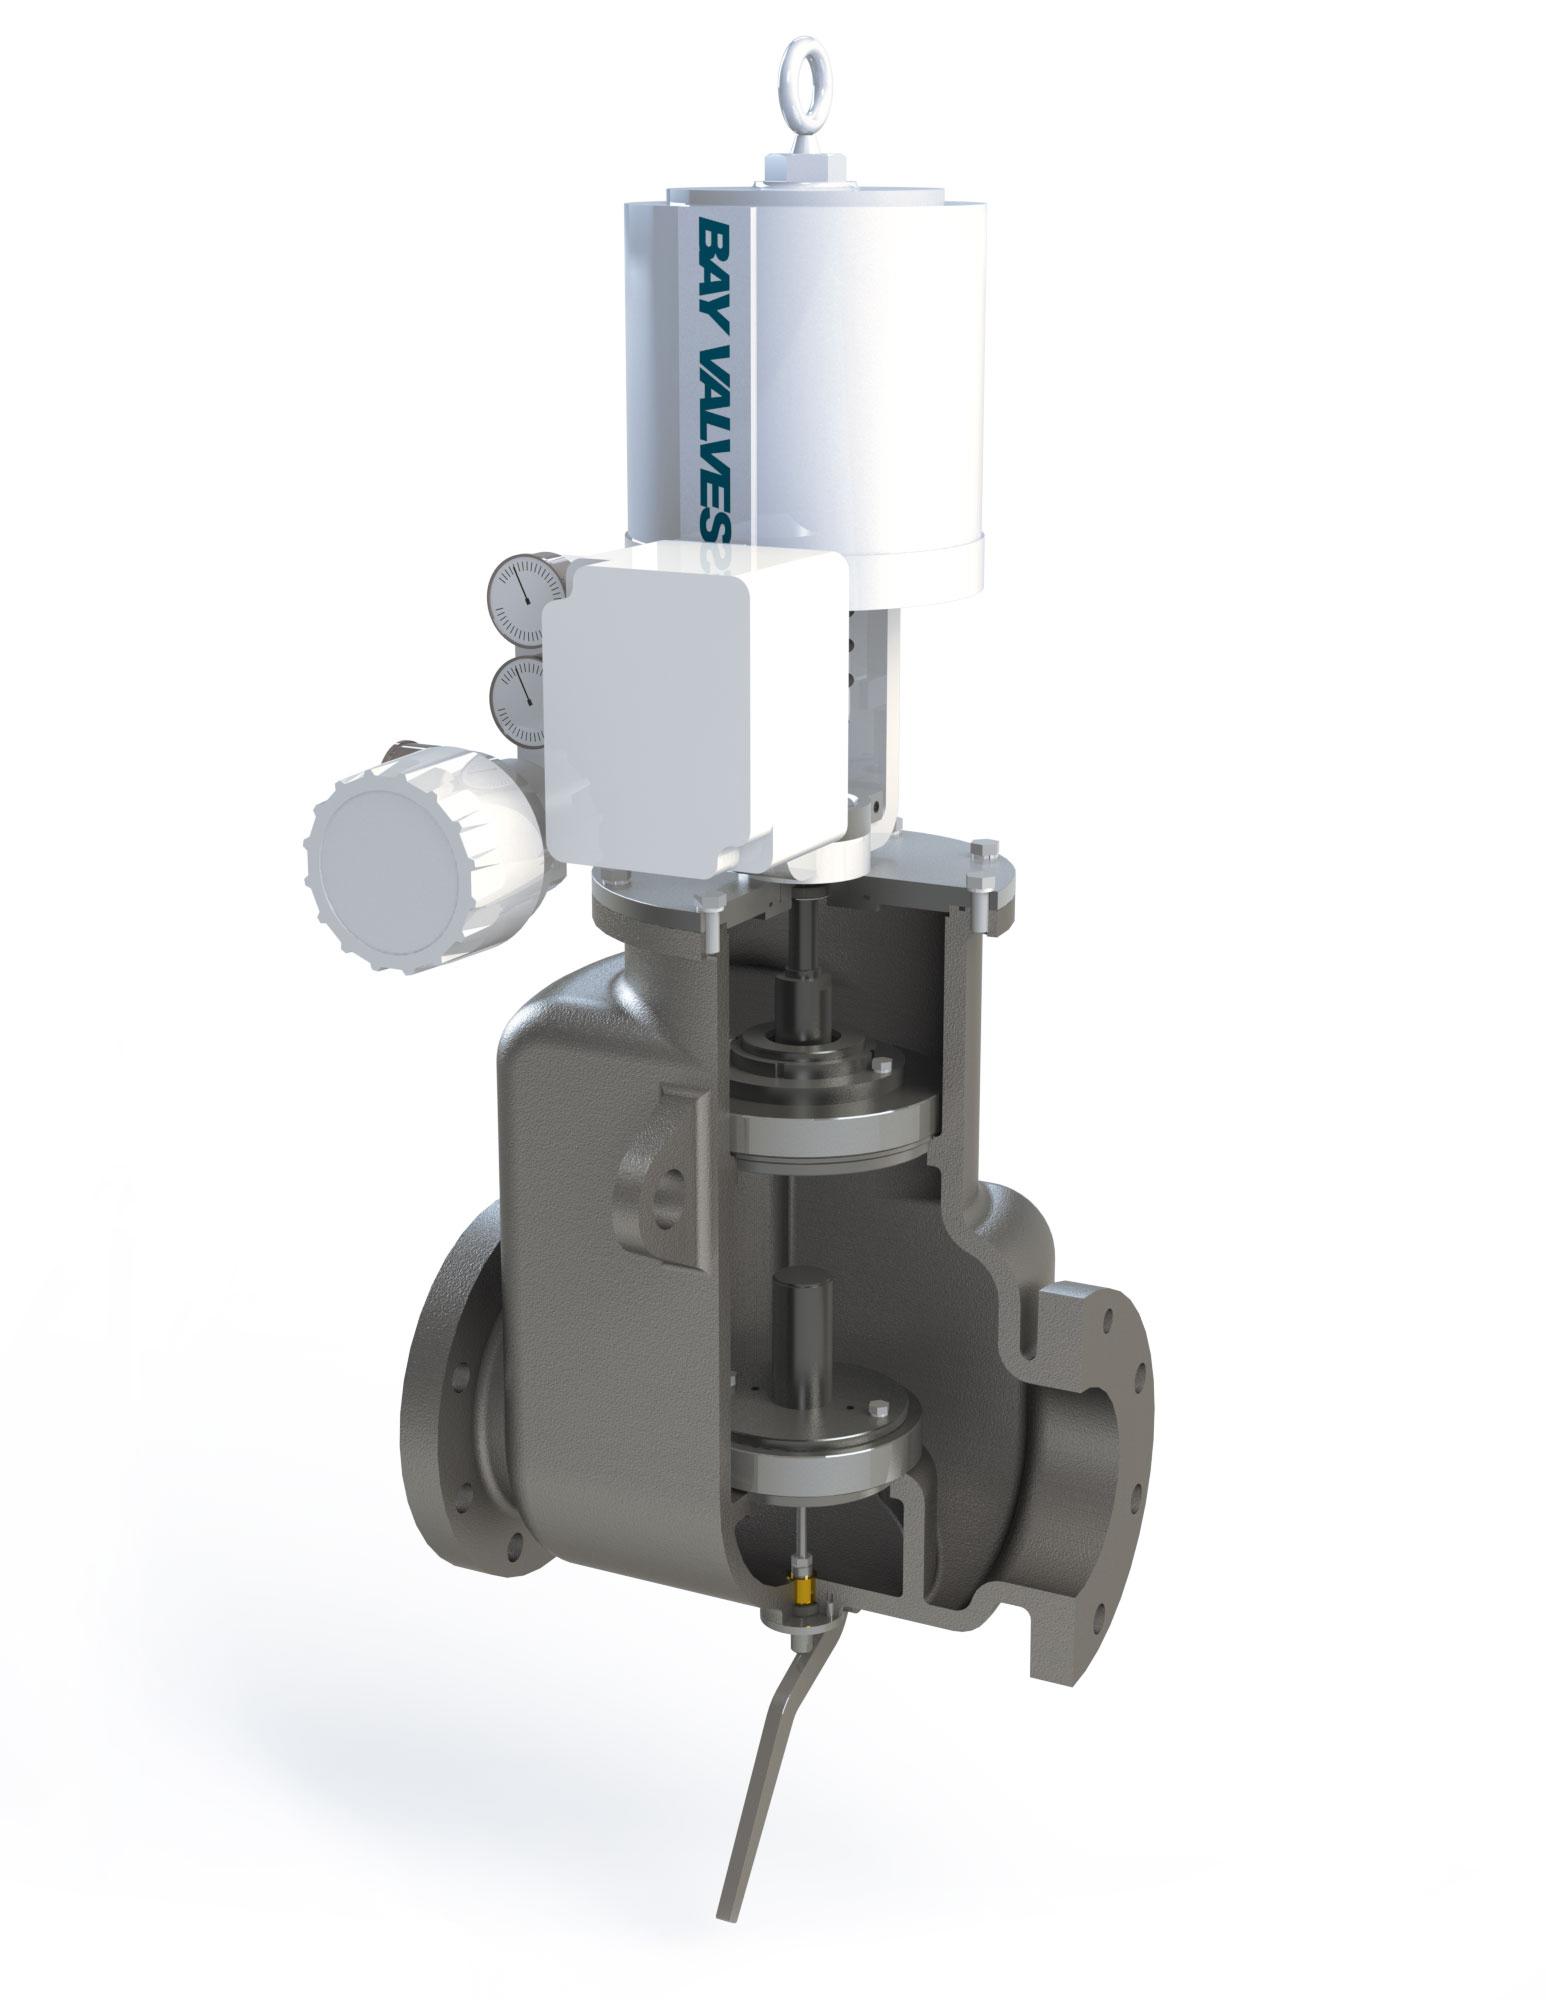 [object object] Supersat 70168 Pressure vacuum pilot valve assembled Product image 1